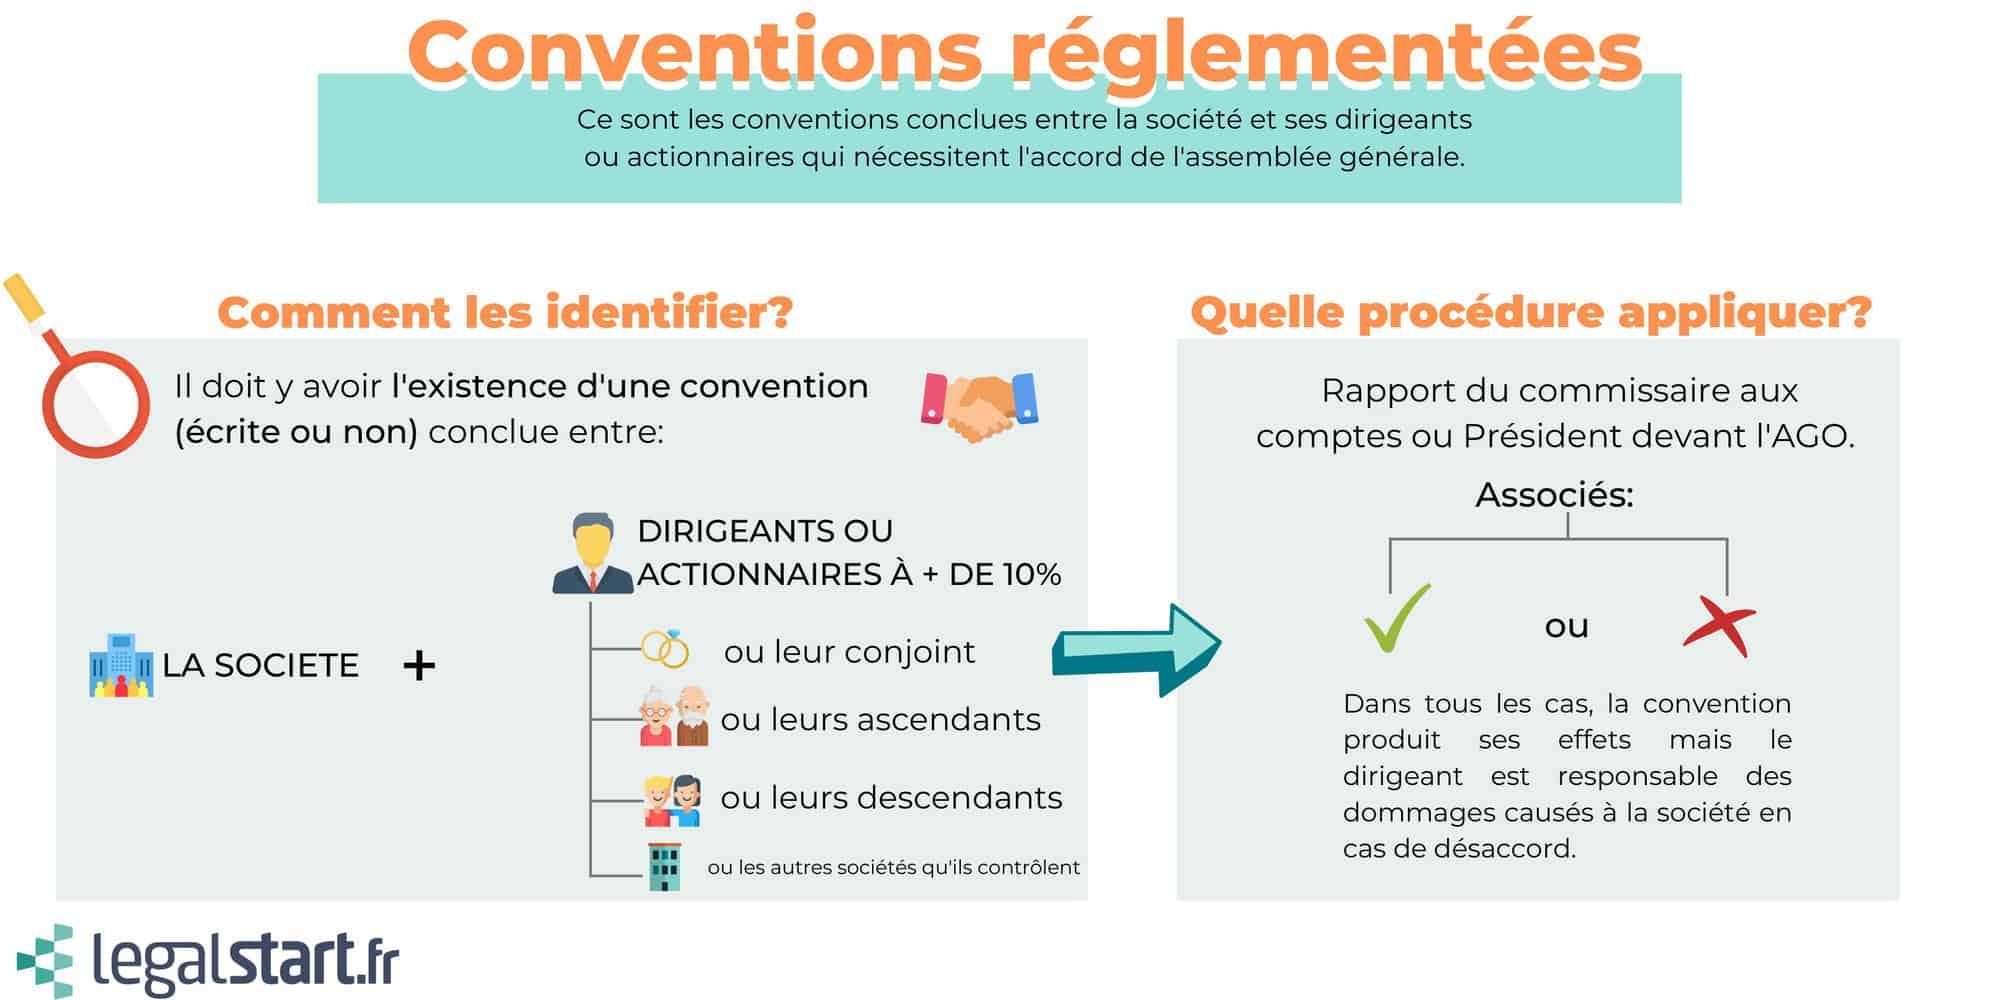 infographie conventions réglementées